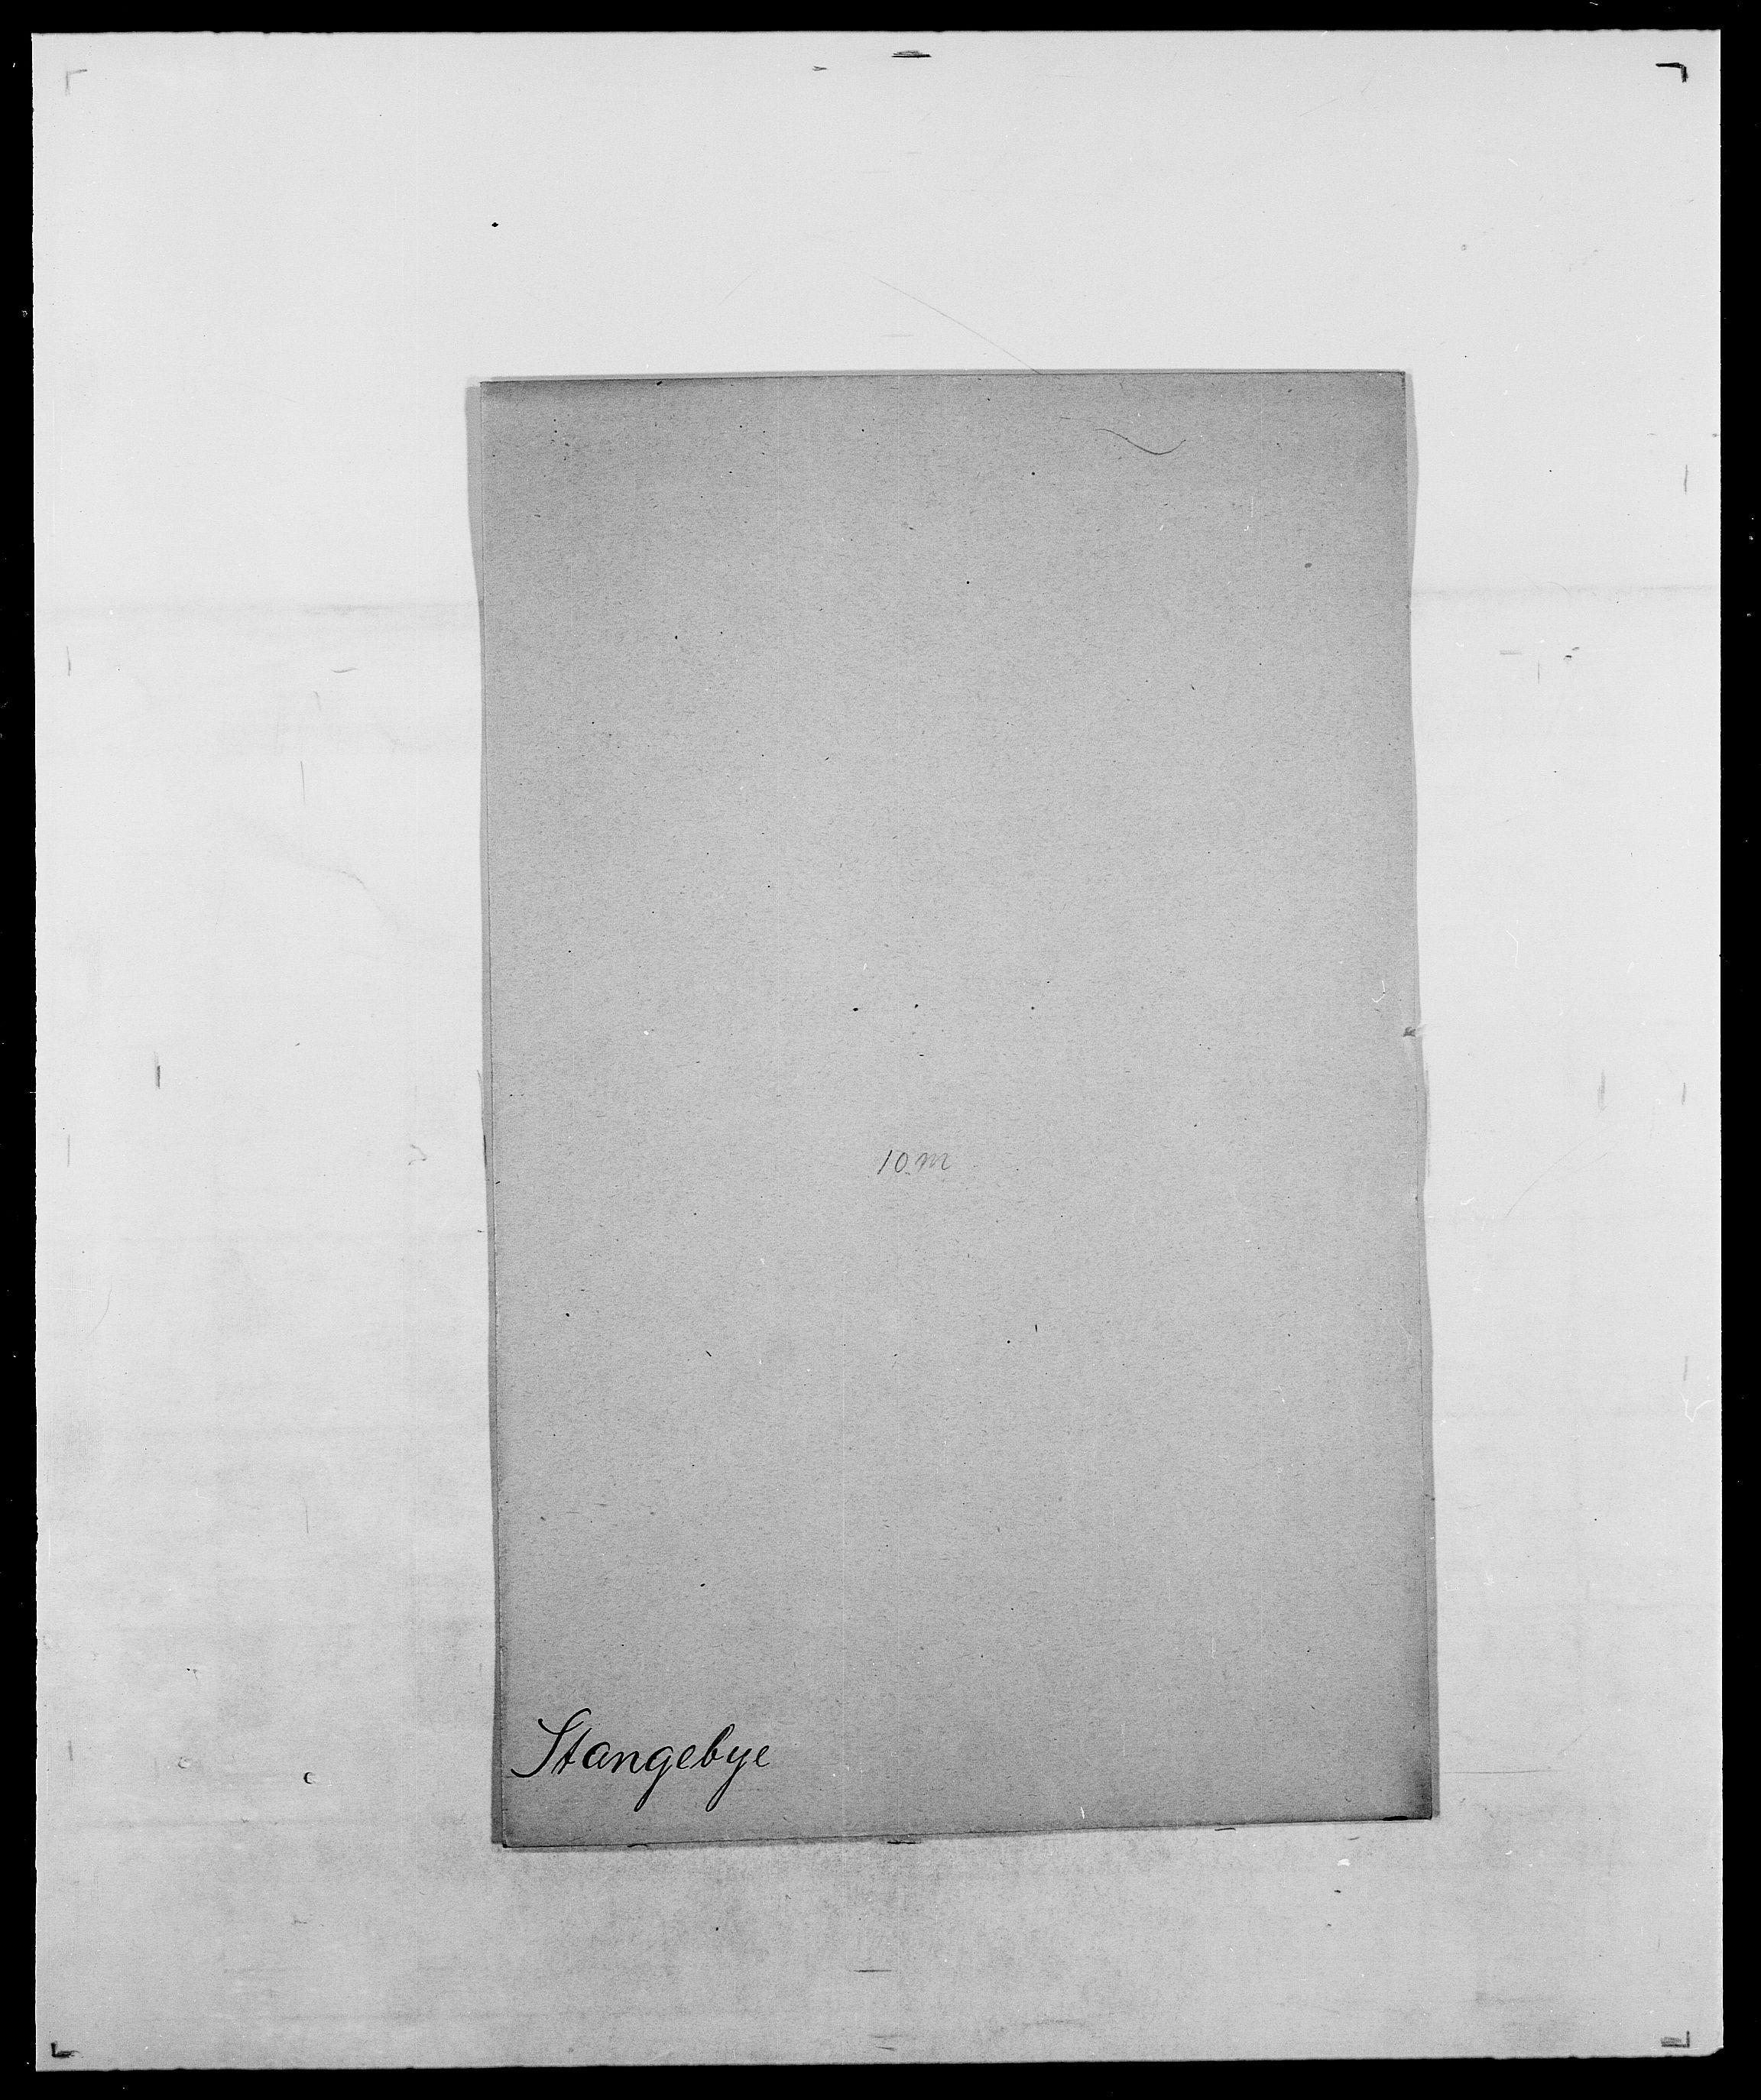 SAO, Delgobe, Charles Antoine - samling, D/Da/L0036: Skaanør - Staverskov, s. 982